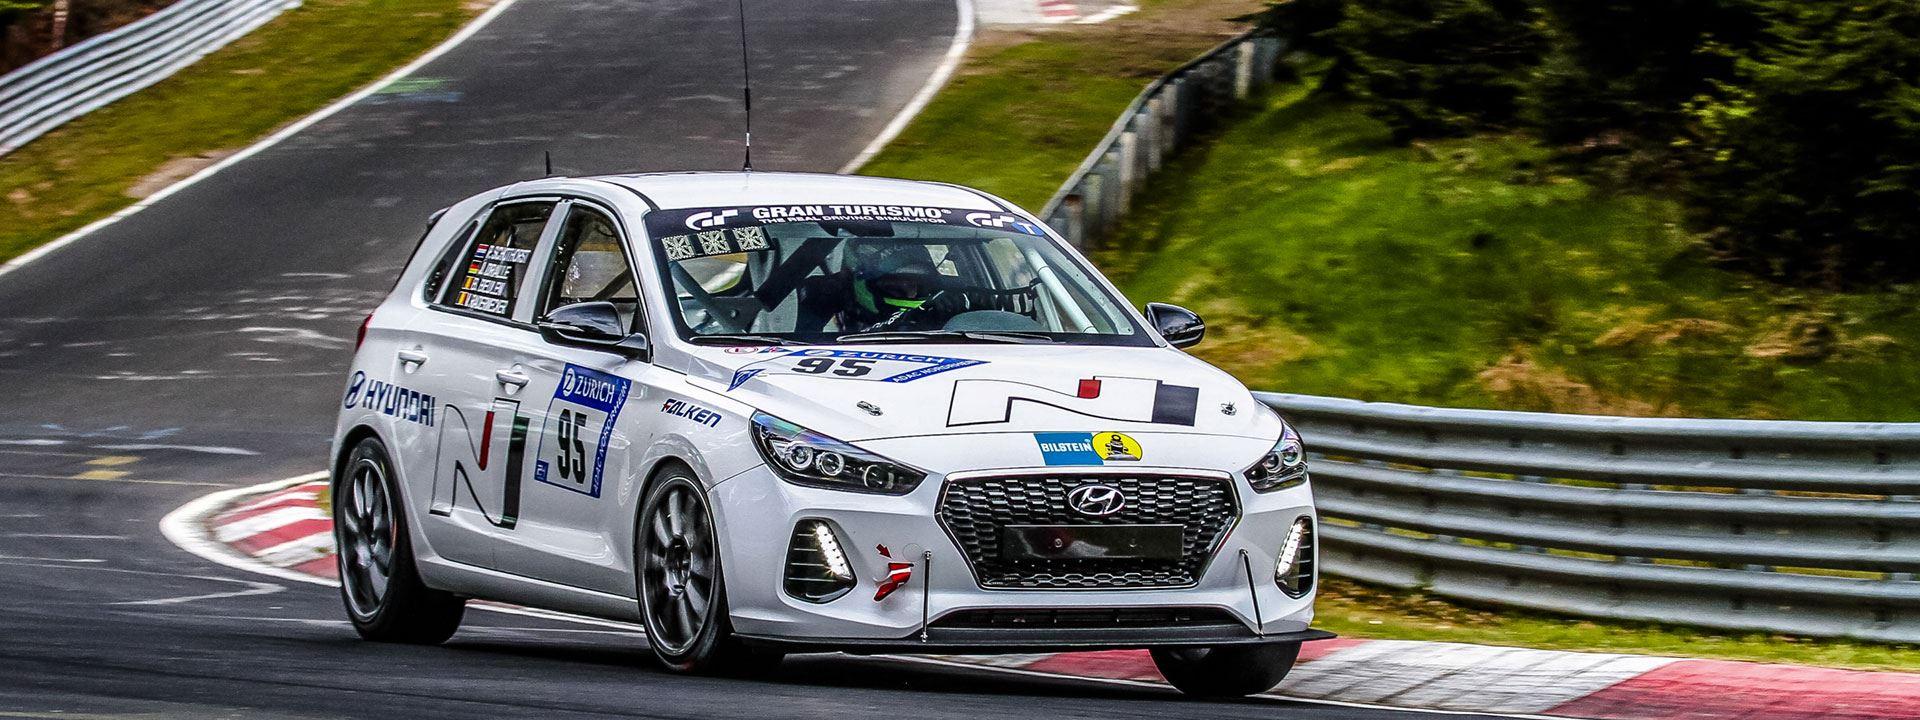 Nederlandse coureur Pieter Schothorst met Hyundai i30 N in 24 uursrace Nurburgring